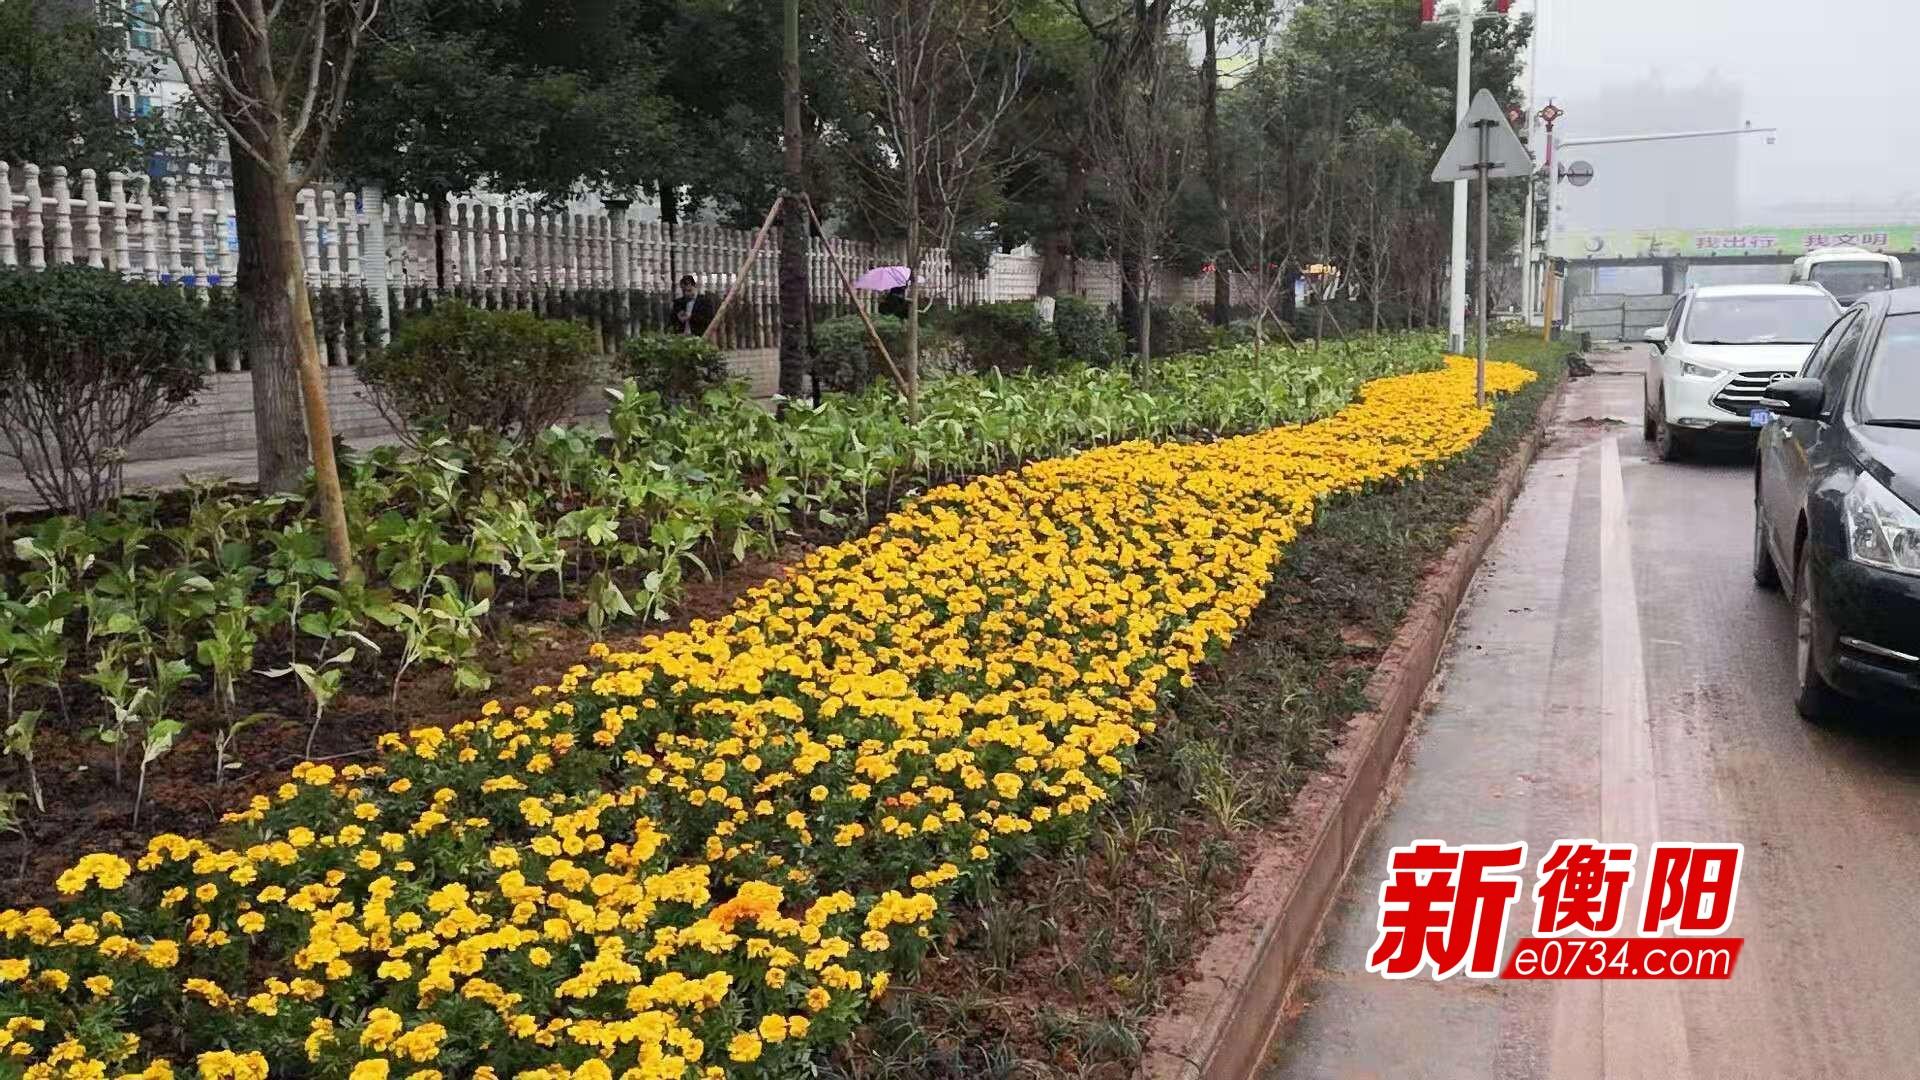 大美衡阳繁花盛 园林工人抢种耐寒花卉迎接2019